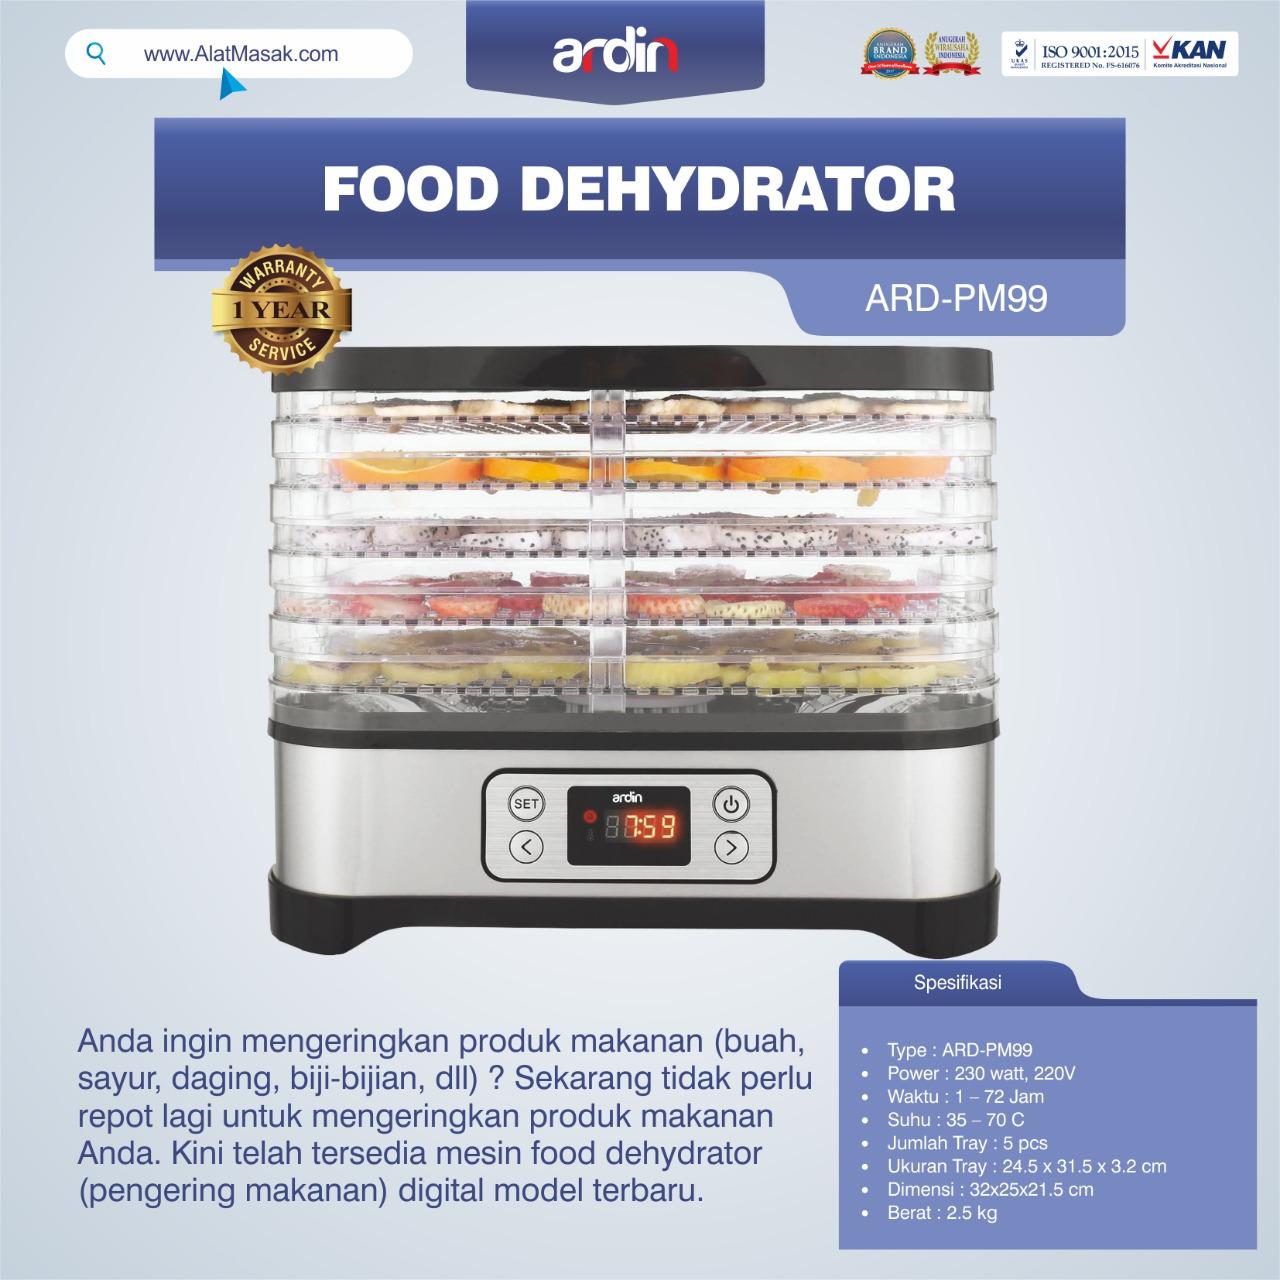 Jual Food Dehydrator ARD-PM99 di Jakarta